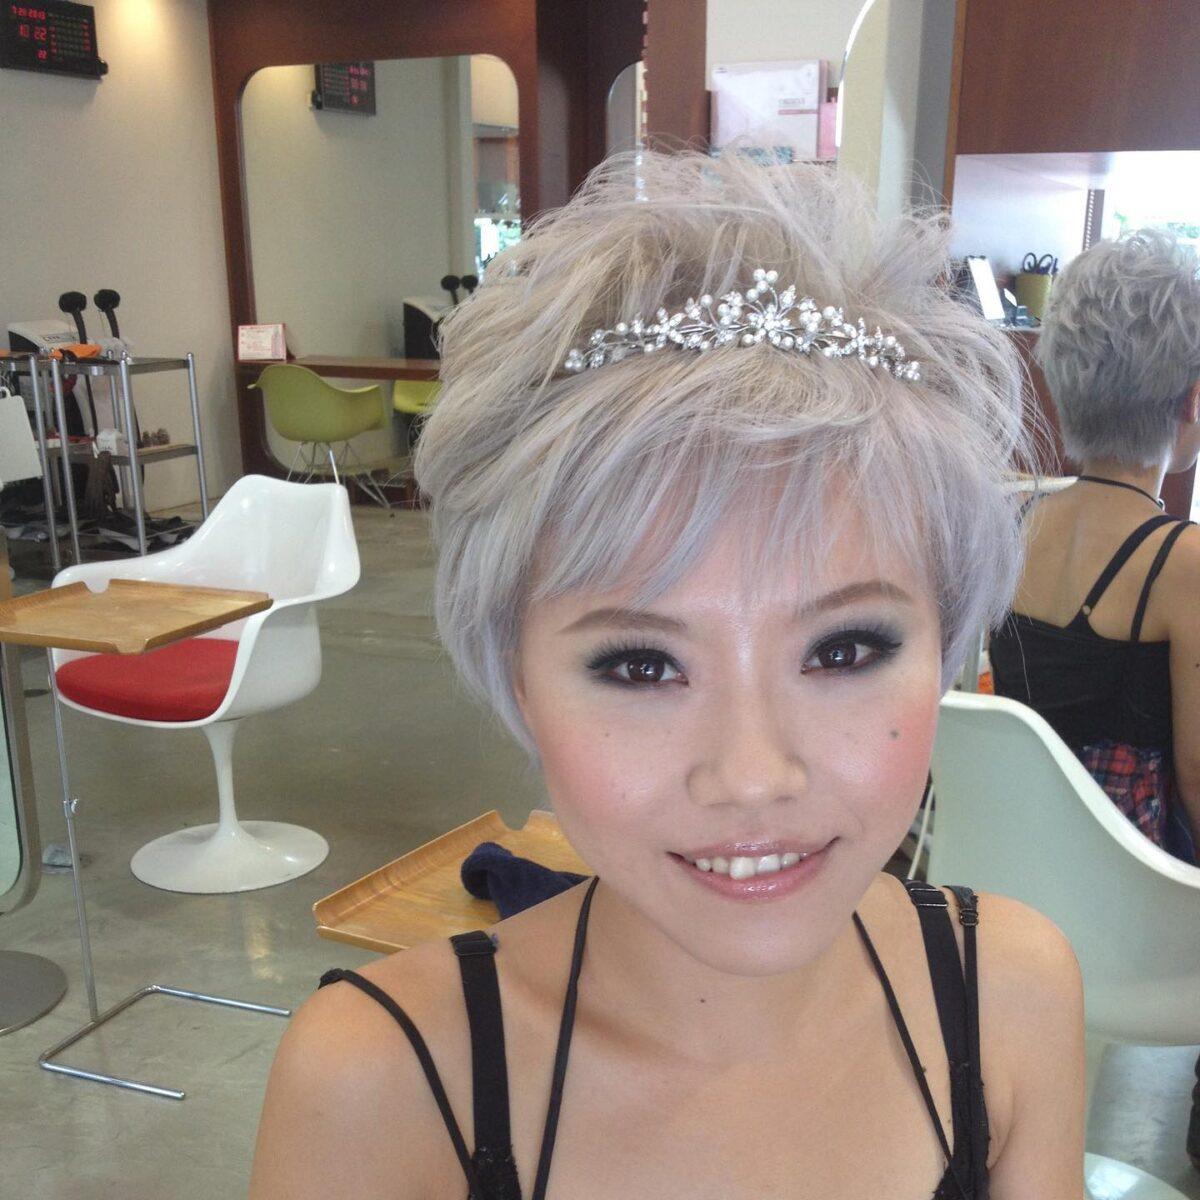 ネイリスト志塚玲子さん 全日本ネイルコンクールで何度も日本一に輝く前橋出身の超有名ネイリストさん。  数年前、ご自身の結婚式のヘアメイクを担当させて頂いた。  いつも、ショートヘアのハイトーンカラーがトレードマークの彼女   強い個性を持つ彼女の事、ナチュラルなヘアメイクは始めから予定はしていなかった。 しかし、彼女の大切な結婚式、彼女を知る友人、親族が「美しい」と評価されるヘアメイクを提案し、 ドレスの後はティアラを取って和装に変身する予定でヘアメイクを提案させて頂いた。  担当 敷島店 丹野マリエ       #前橋 敷島 川原美容室